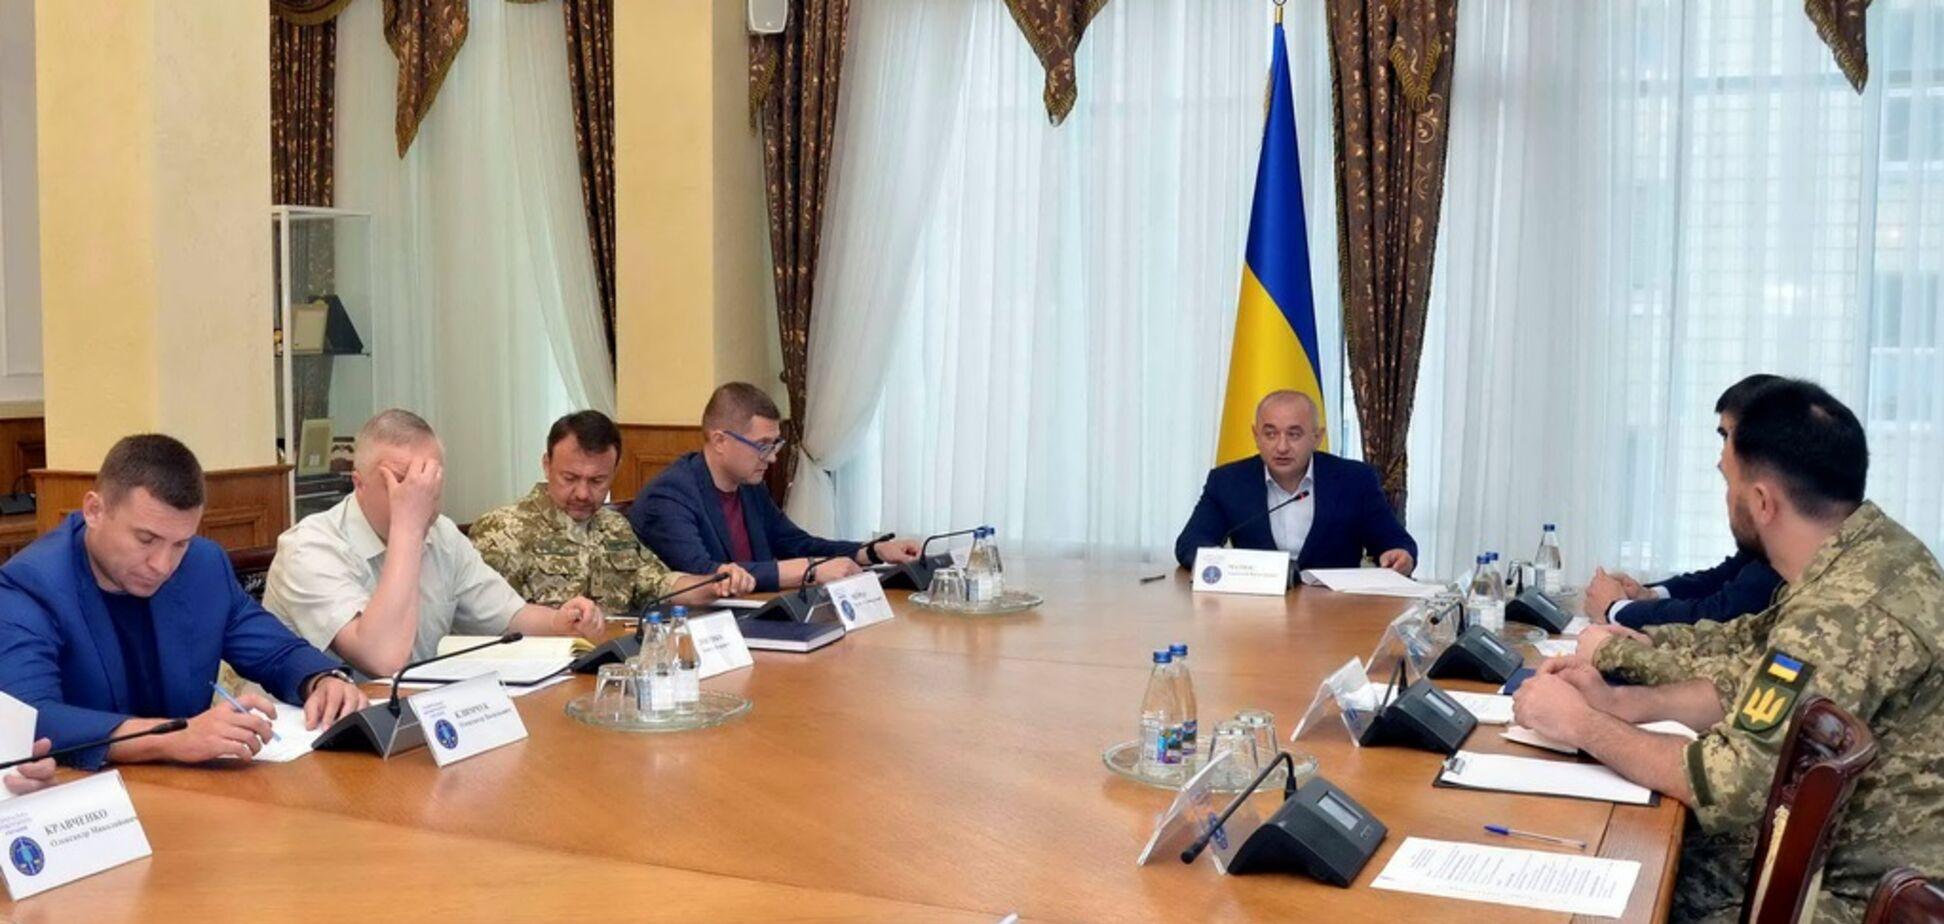 'Аннексия Буковины': ГПУ нашла след России в 'румынской' провокации